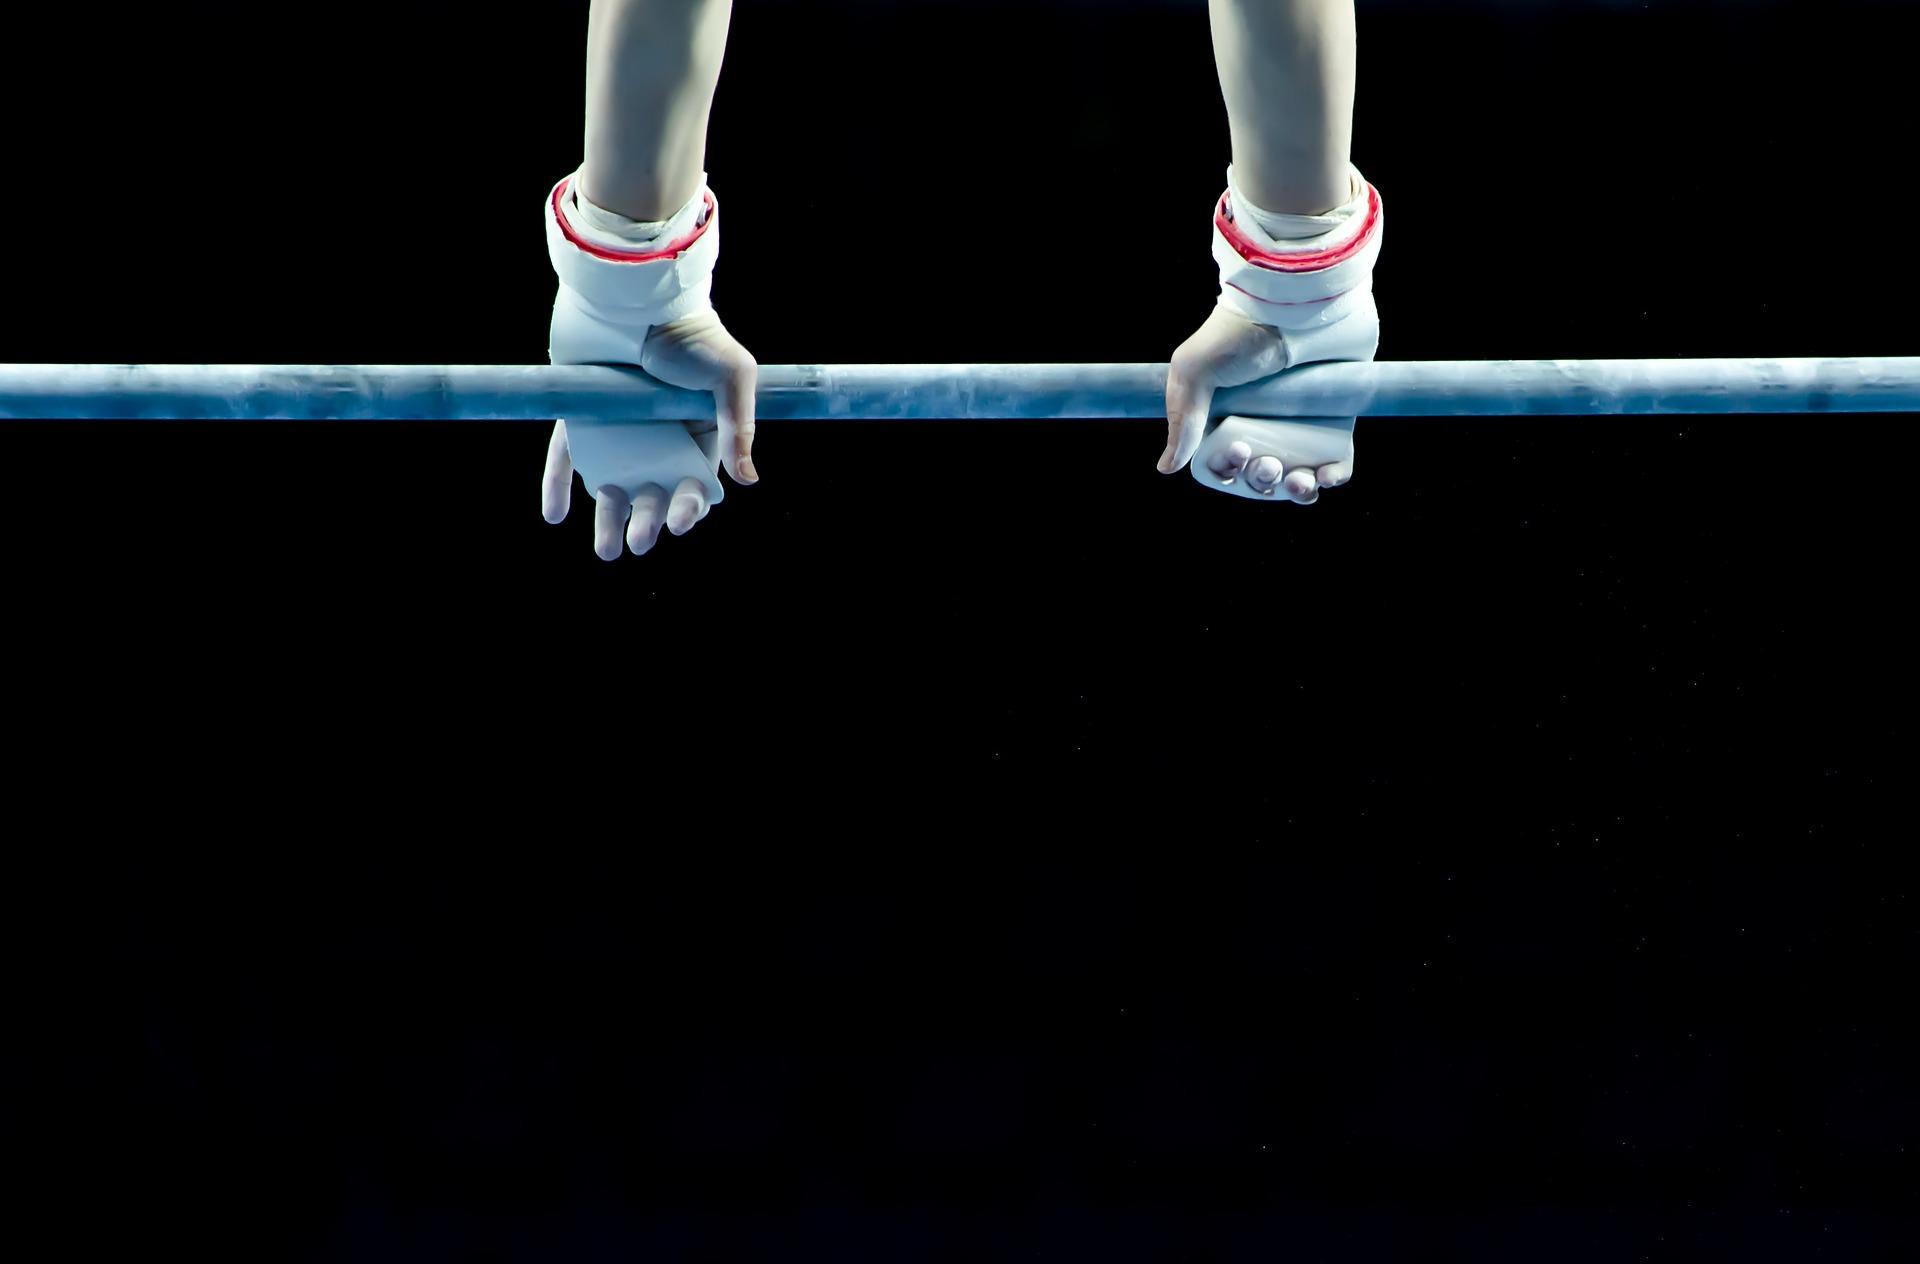 Elite Gymnast, Who Is Homeschooled, On Bars